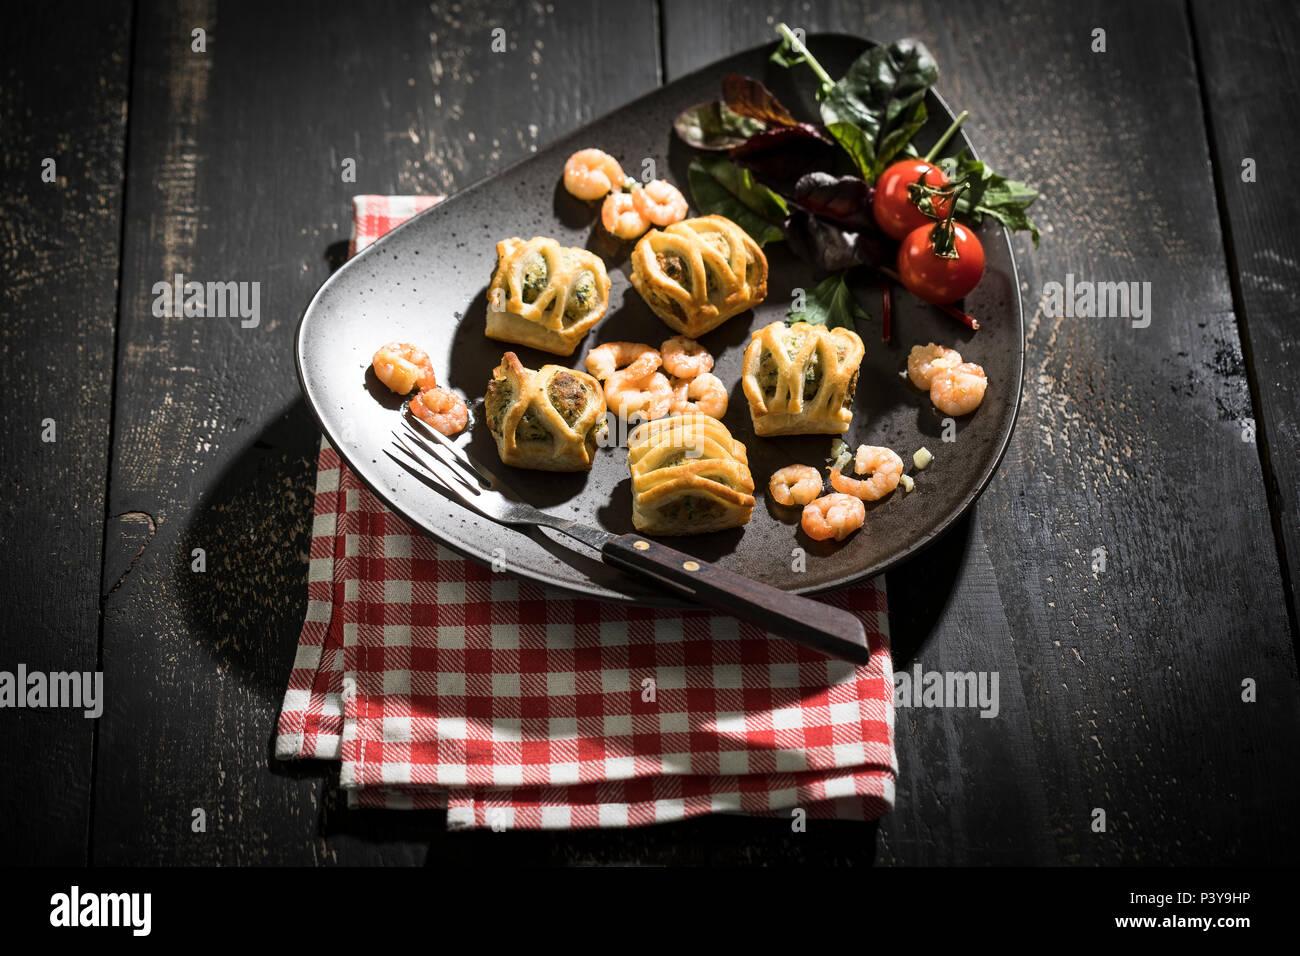 Blätterteigtaschen gefüllt mit Lachs & Spinat, Garnelen und Frischkäse, frischer Blattspinat - Stock Image